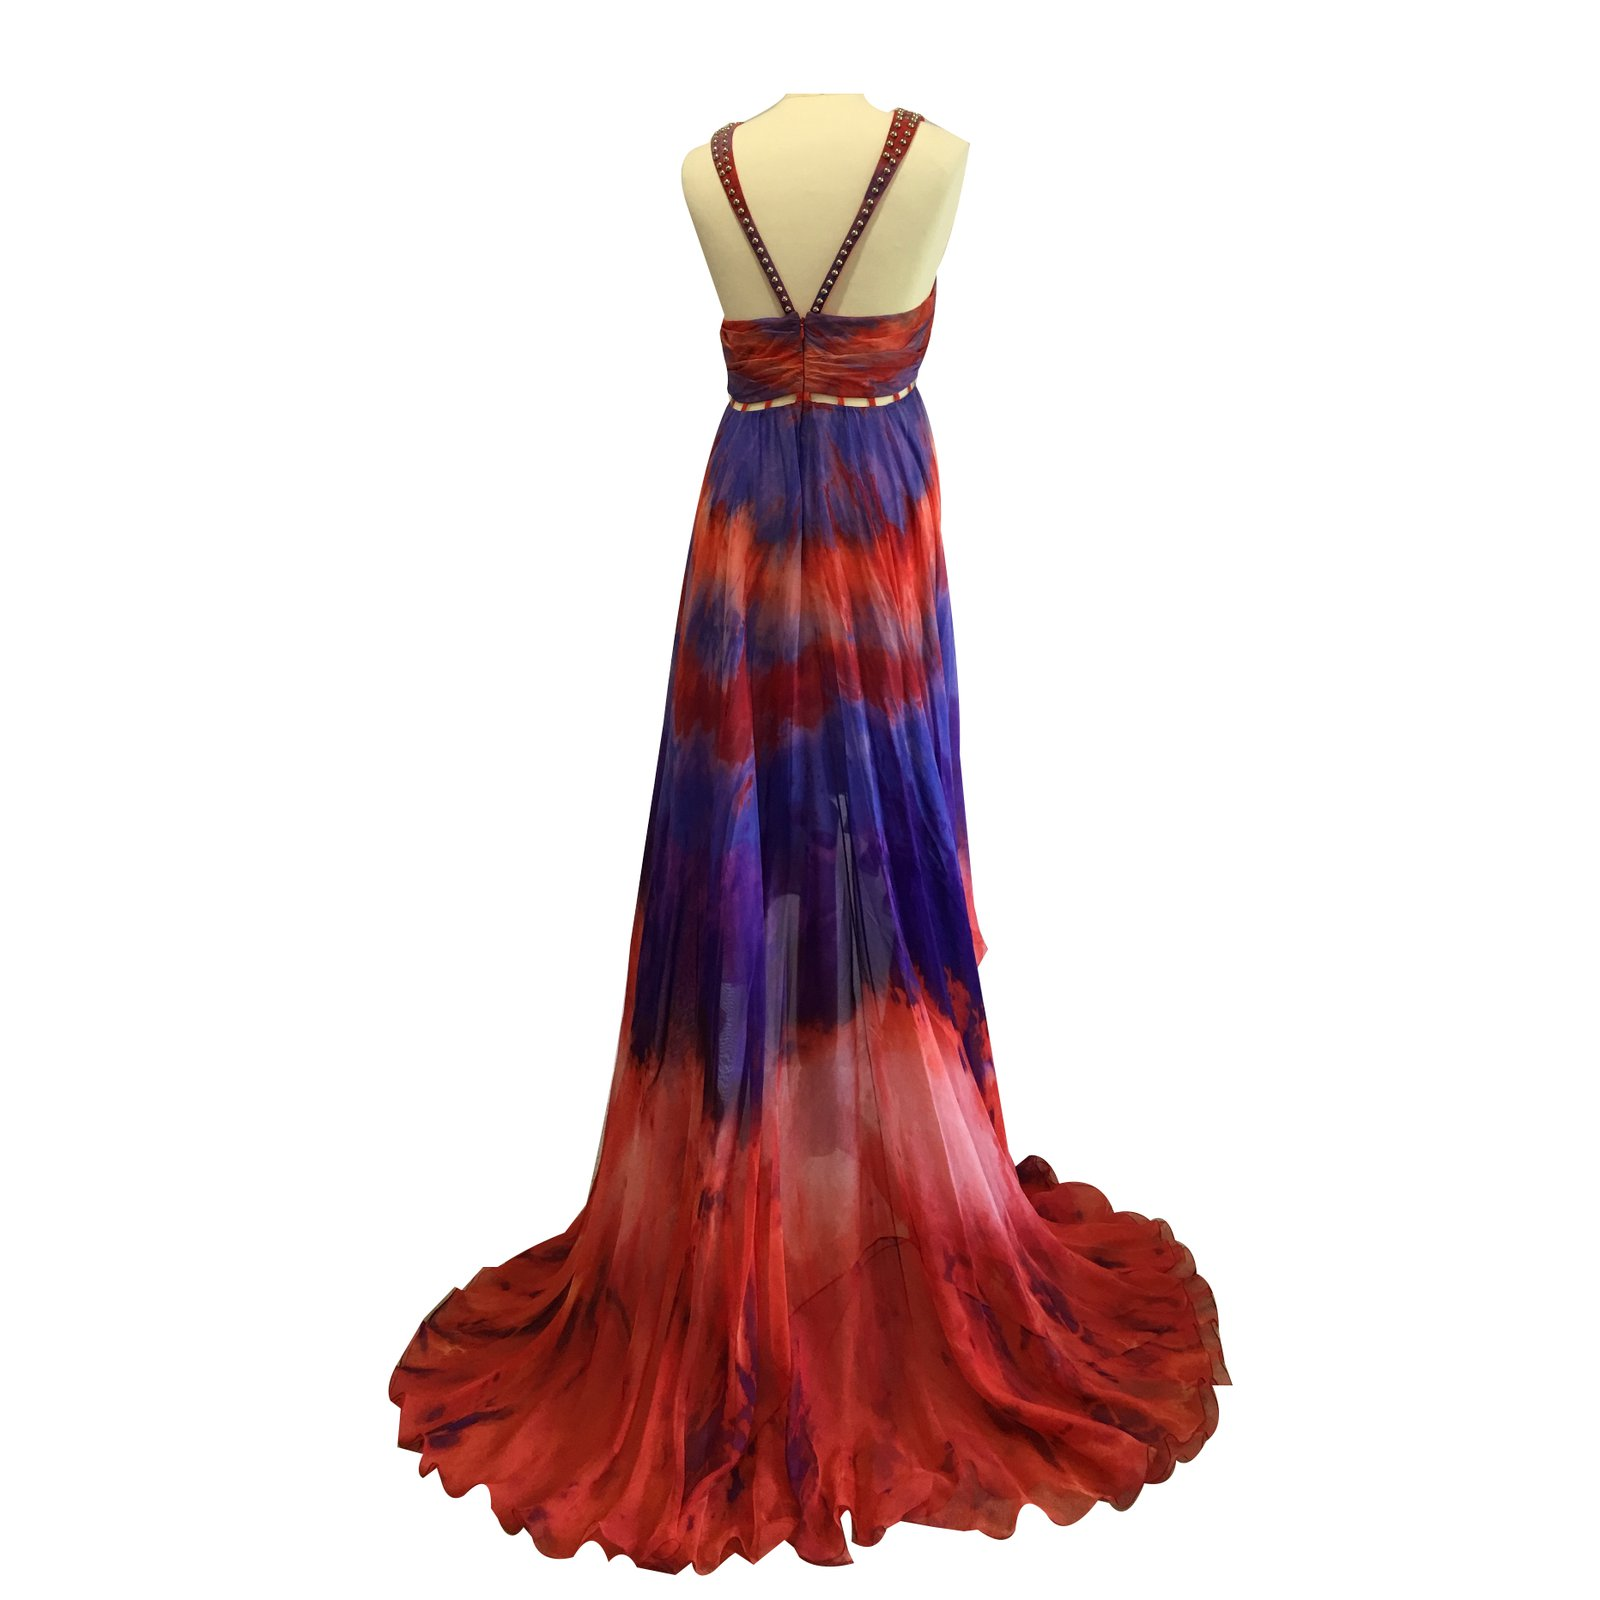 7b4a99a9af5 Emilio Pucci Runway maxi dress Dresses Silk Multiple colors ref ...